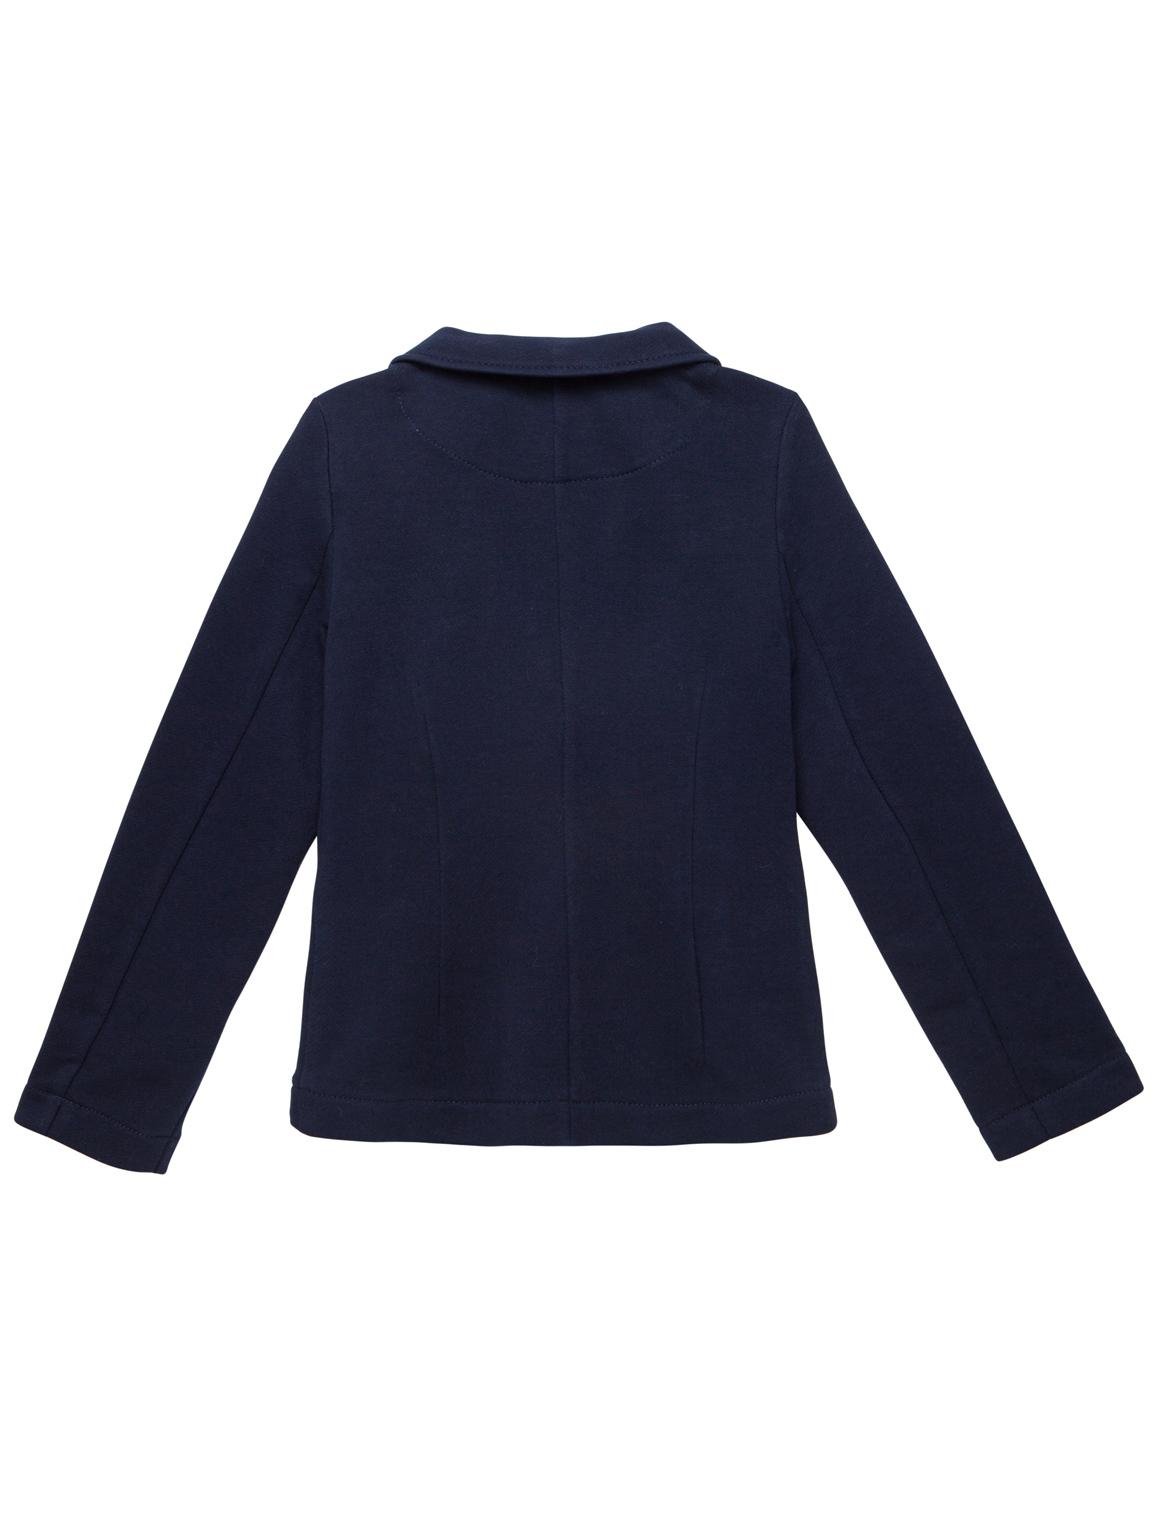 Пиджак жакет трикотажный